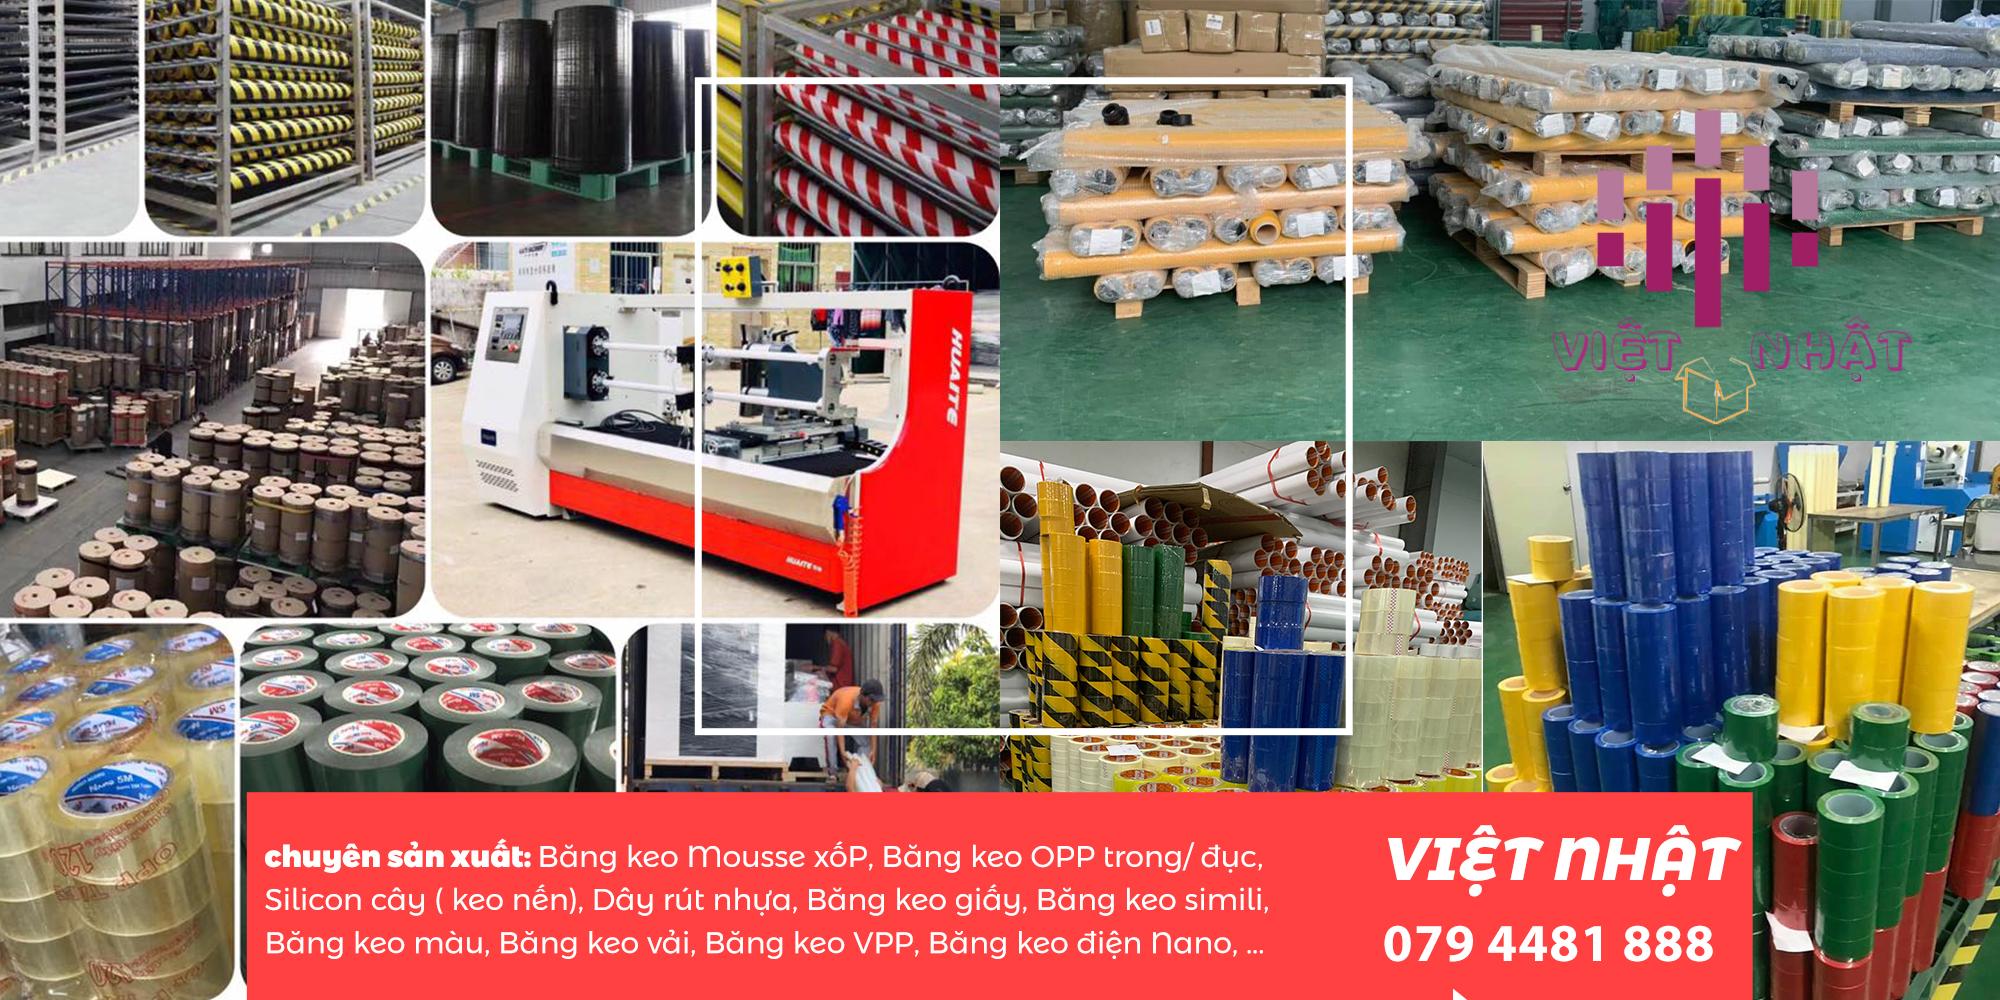 Việt nhật công ty sản xuất và phân phối trực tiếp băng keo màu opp từ nhiều năm nay, với hệ thống nhà xưởng rộng lớn, đầu tư máy móc thiết bị hiện đại, đặc biệt không cần bán thông qua trung gian, nên quý khách hàng có thể yên tâm khi hợp tác với chúng tôi.